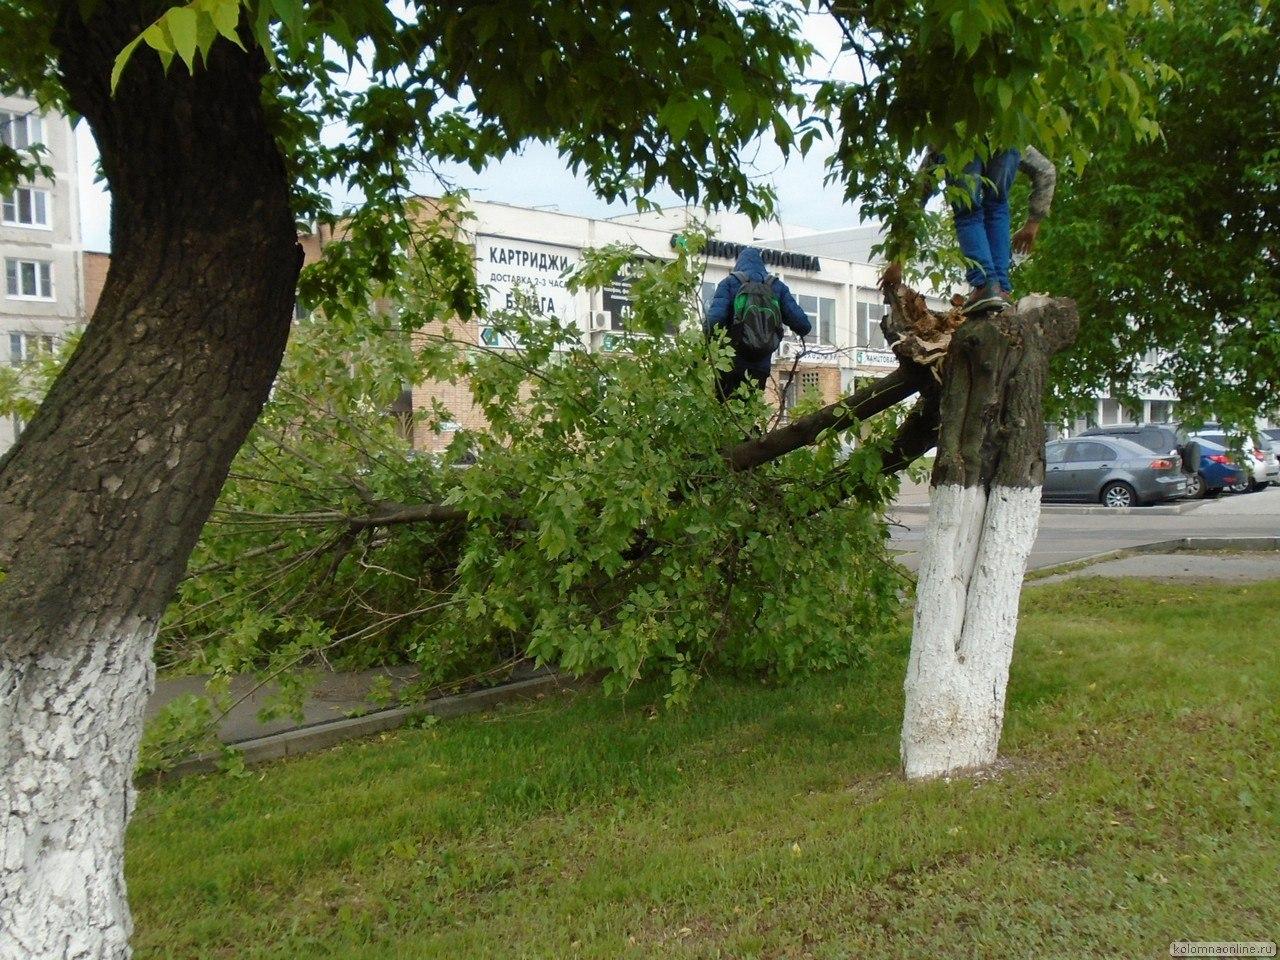 День города: сломанное дерево Фото Коломна, фото Коломны Праздник